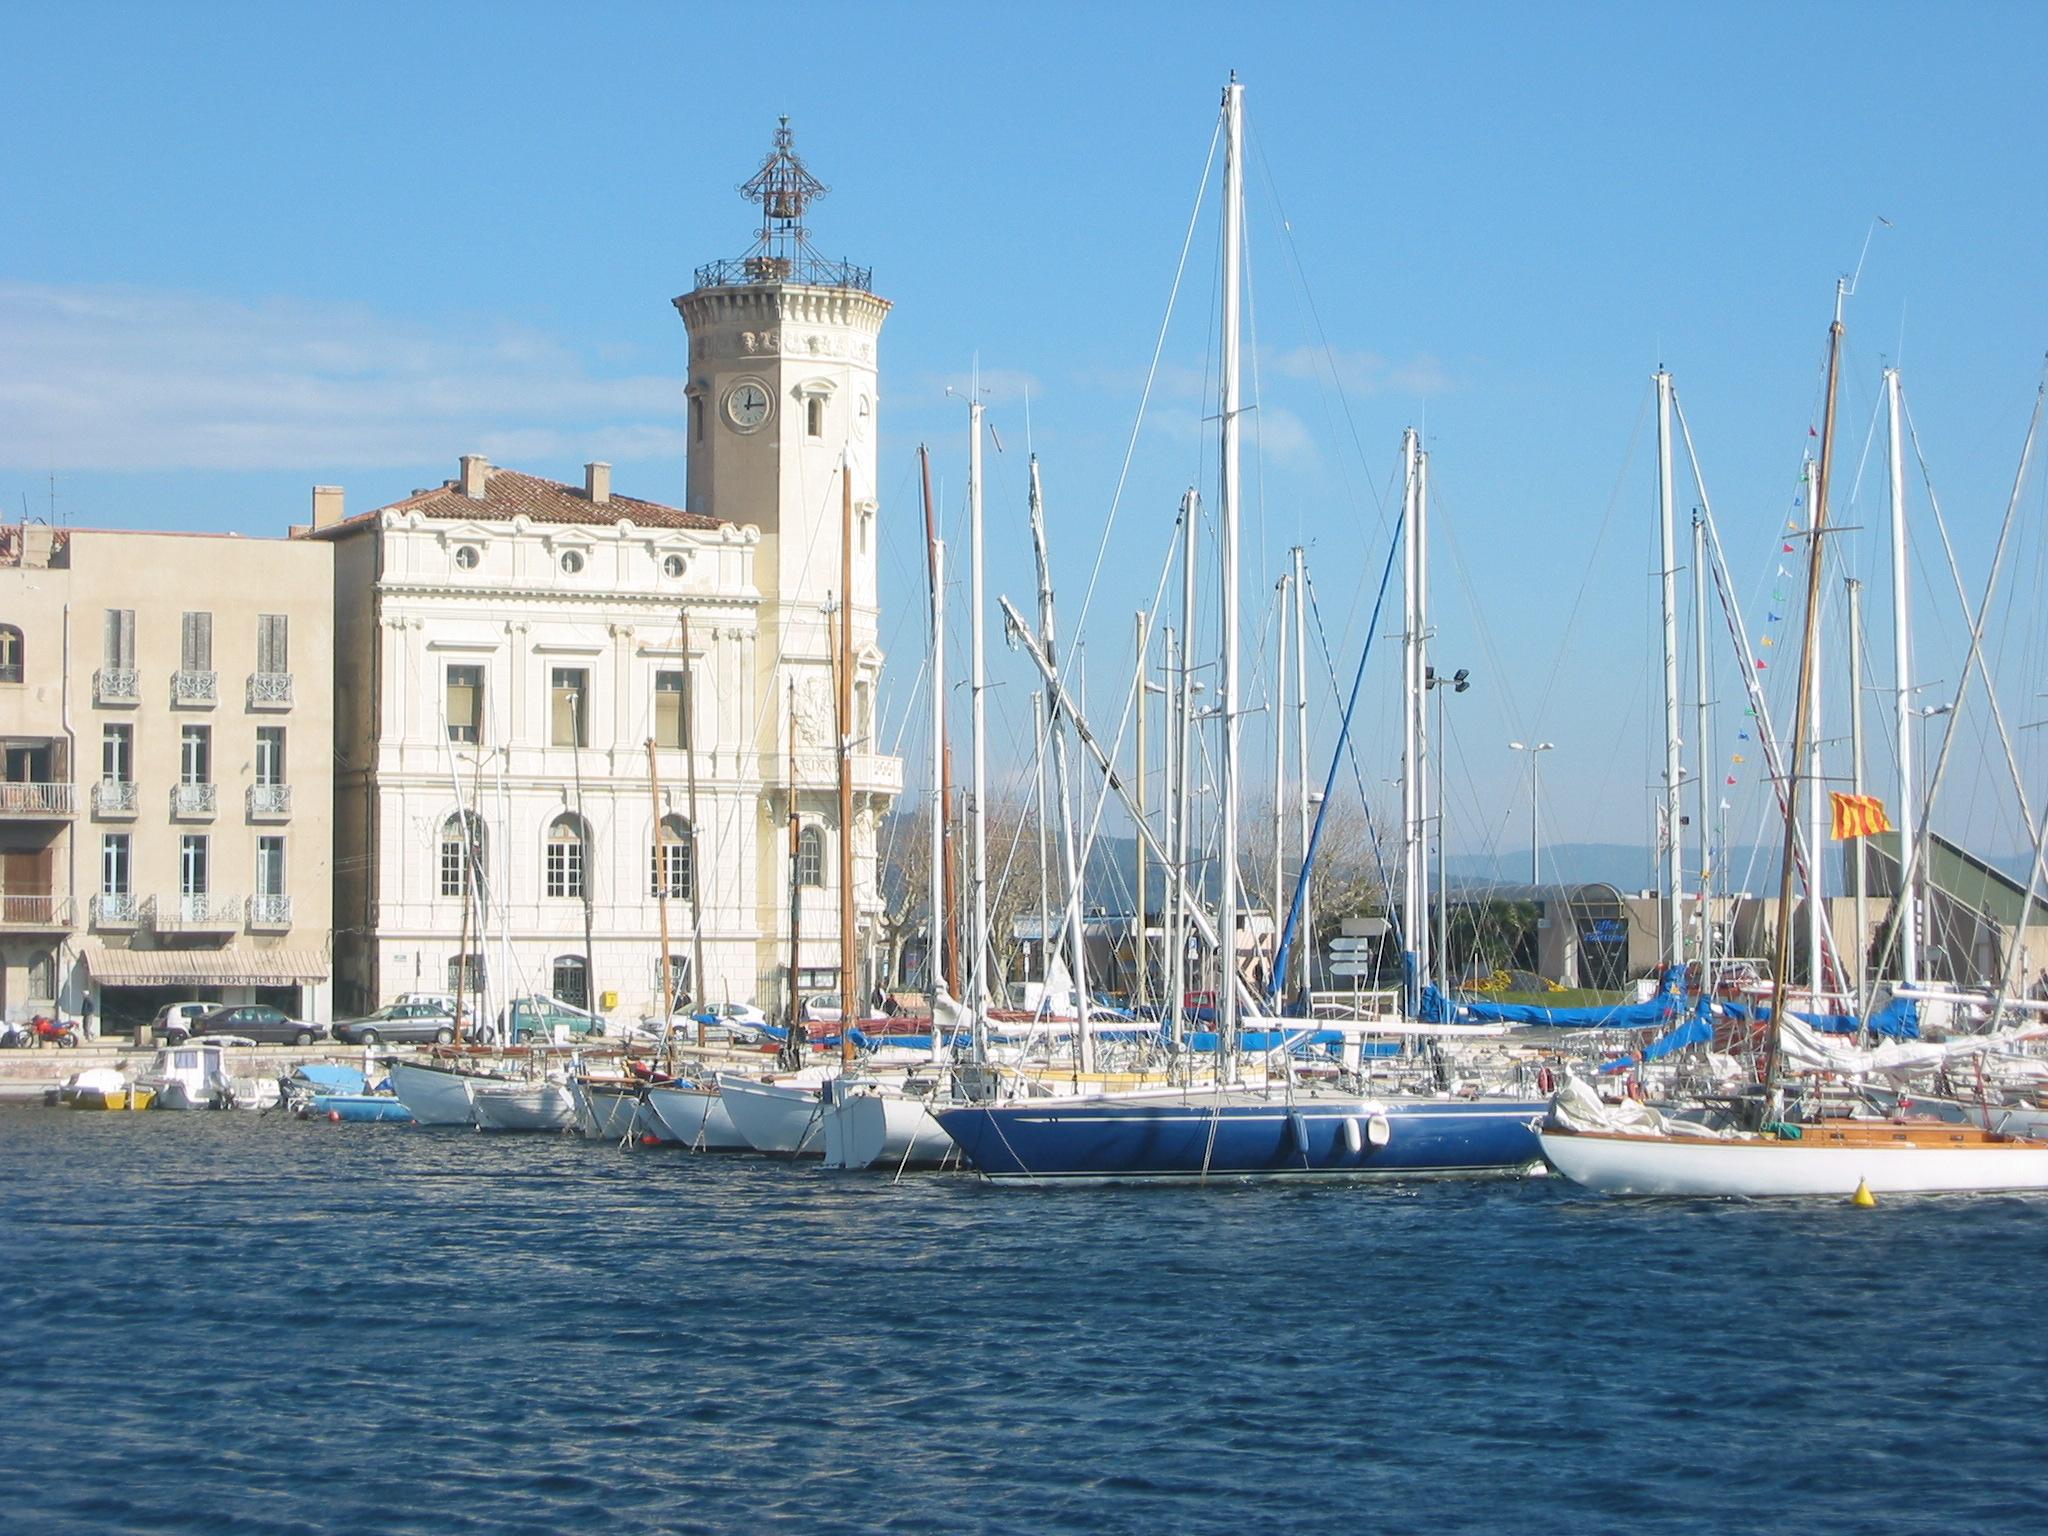 Le port de la Ciotat, son clocher et ses voiliers, qui bercent Khaled